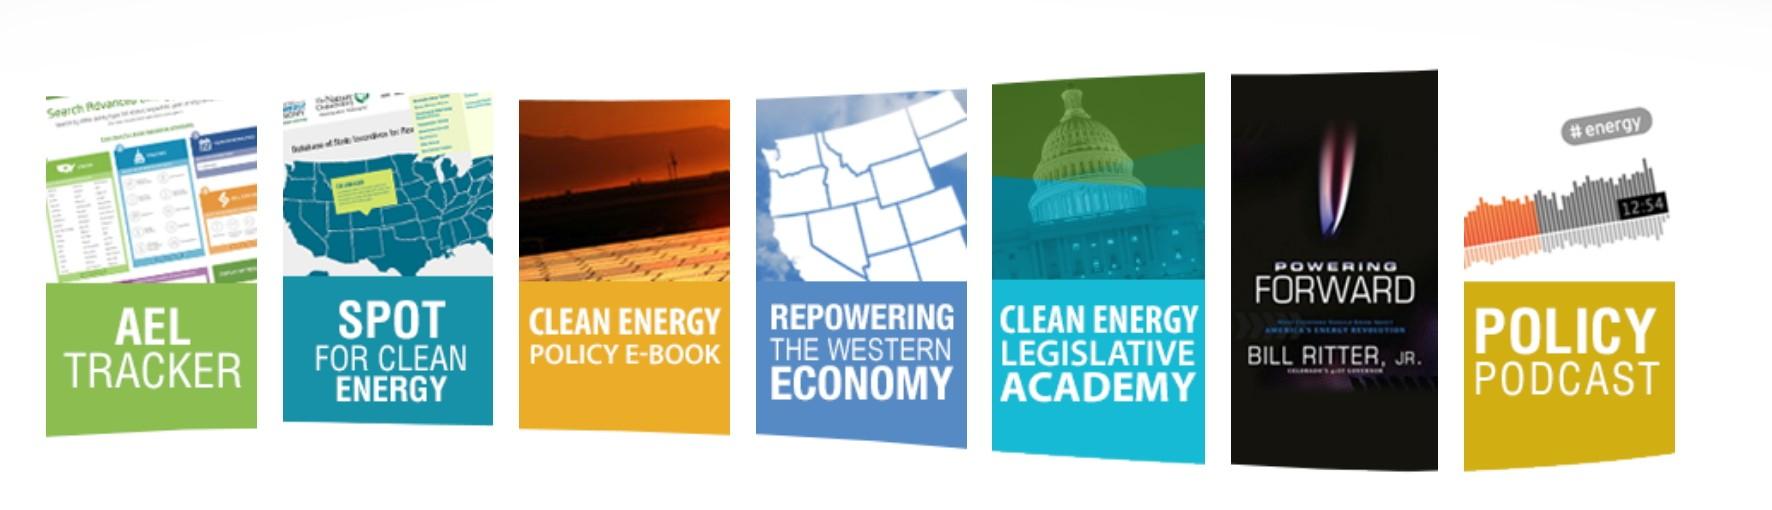 Center for the New Energy Economy | LinkedIn